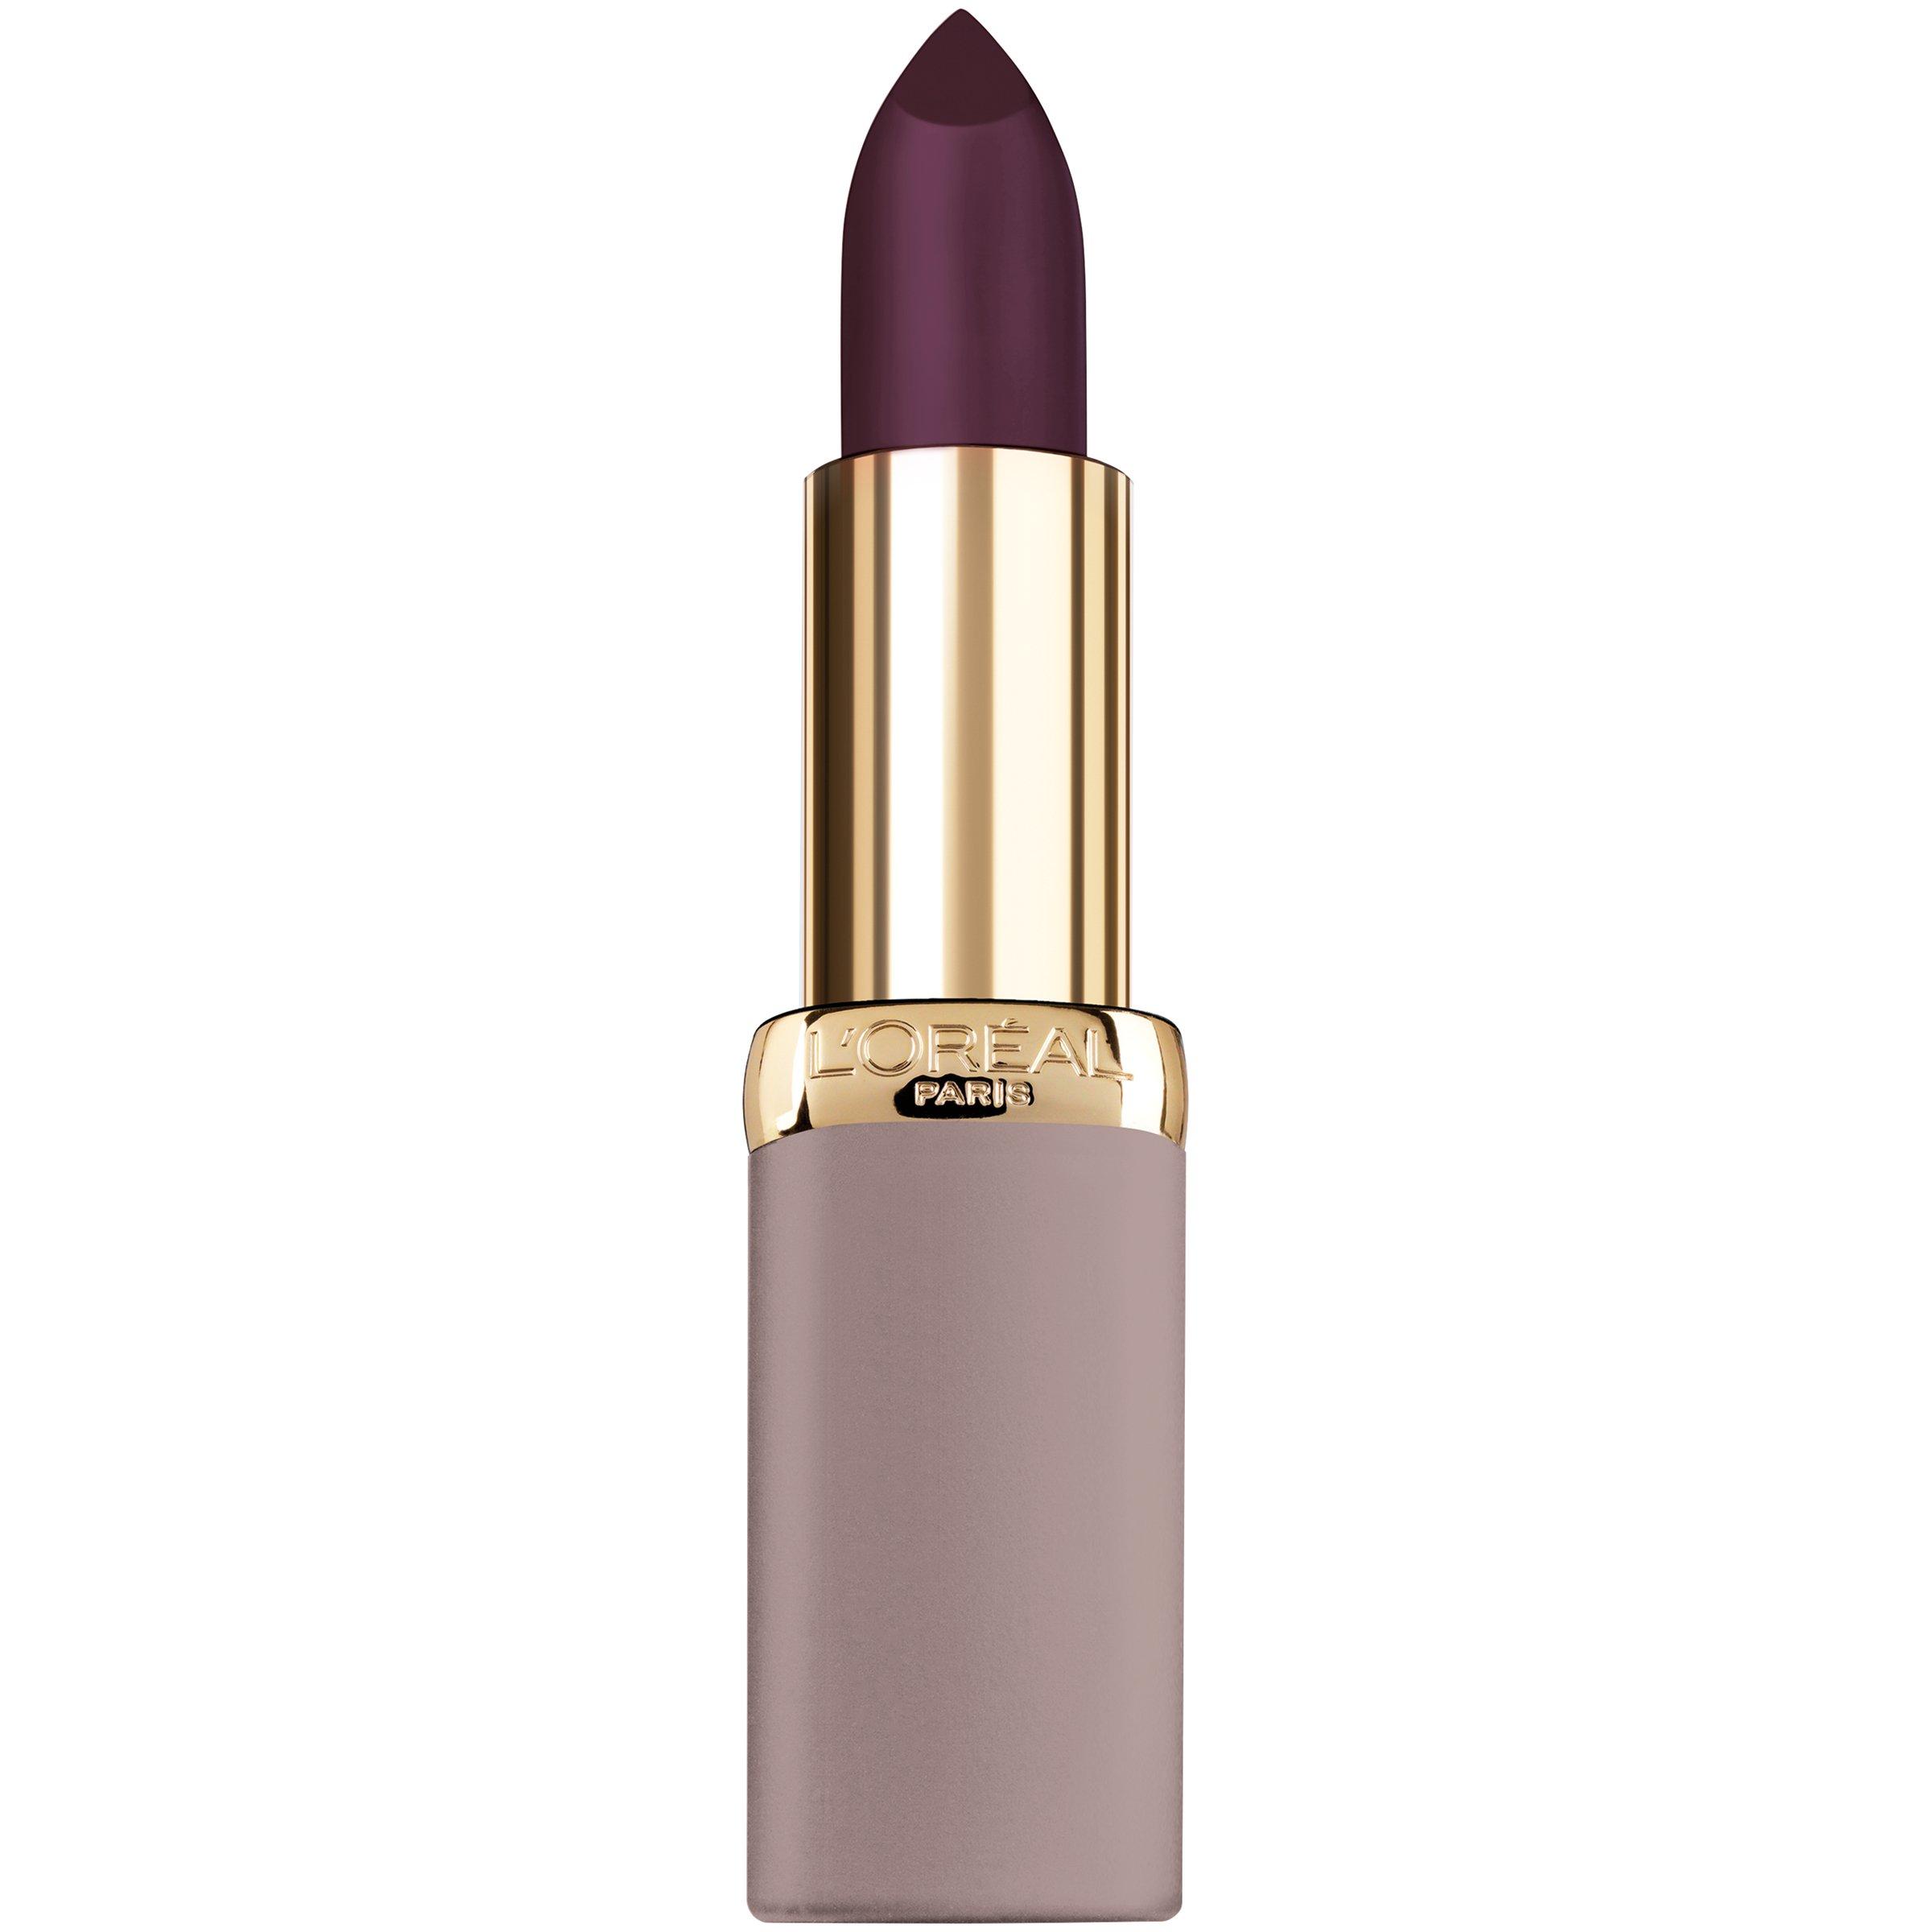 LOreal Paris Color Riche Ultra-Matte Nude Lipstick 11 No